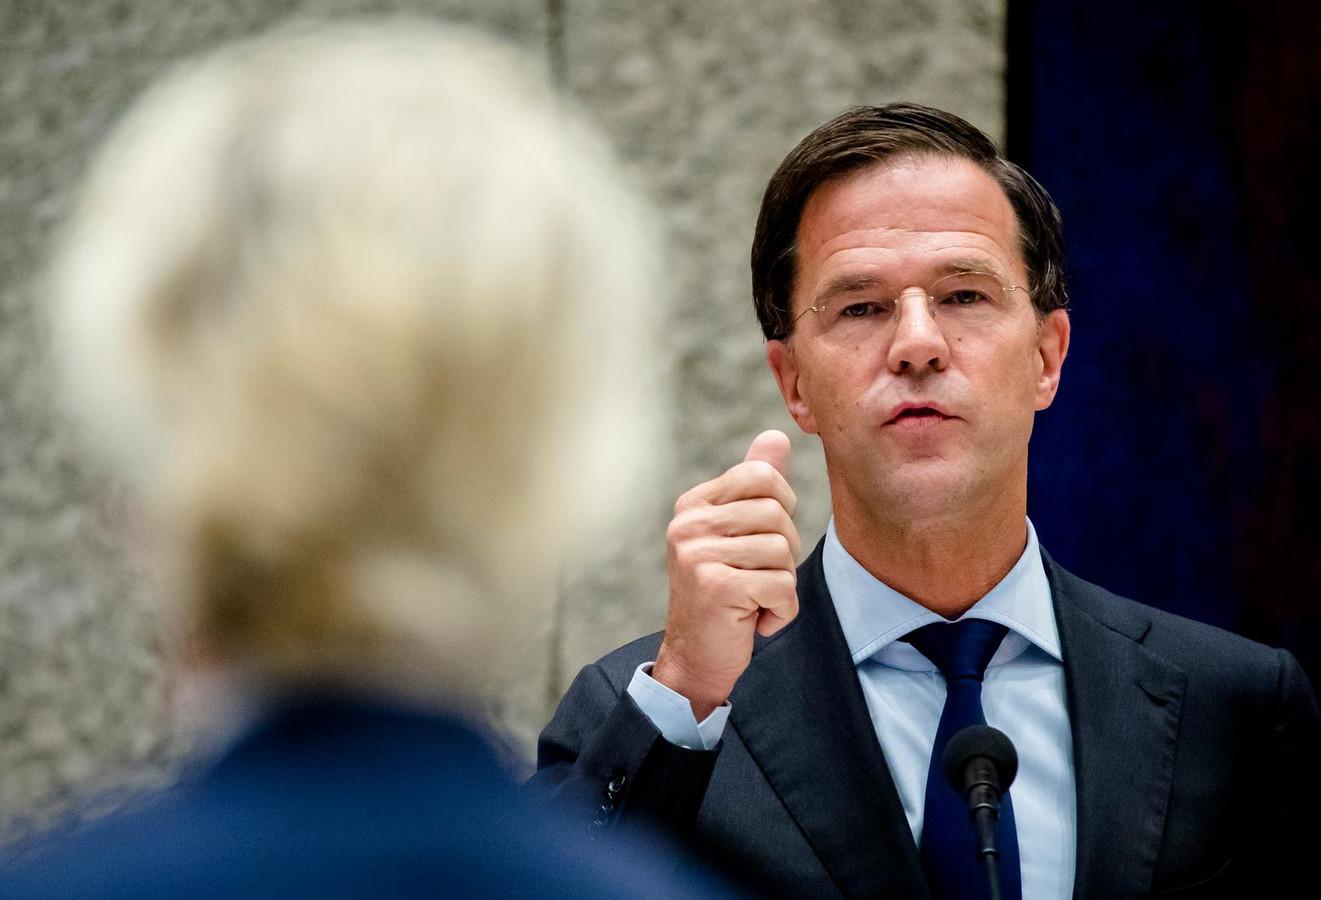 Premier Mark Rutte in debat met PVV-fractievoorzitter Geert Wilders op archiefbeeld